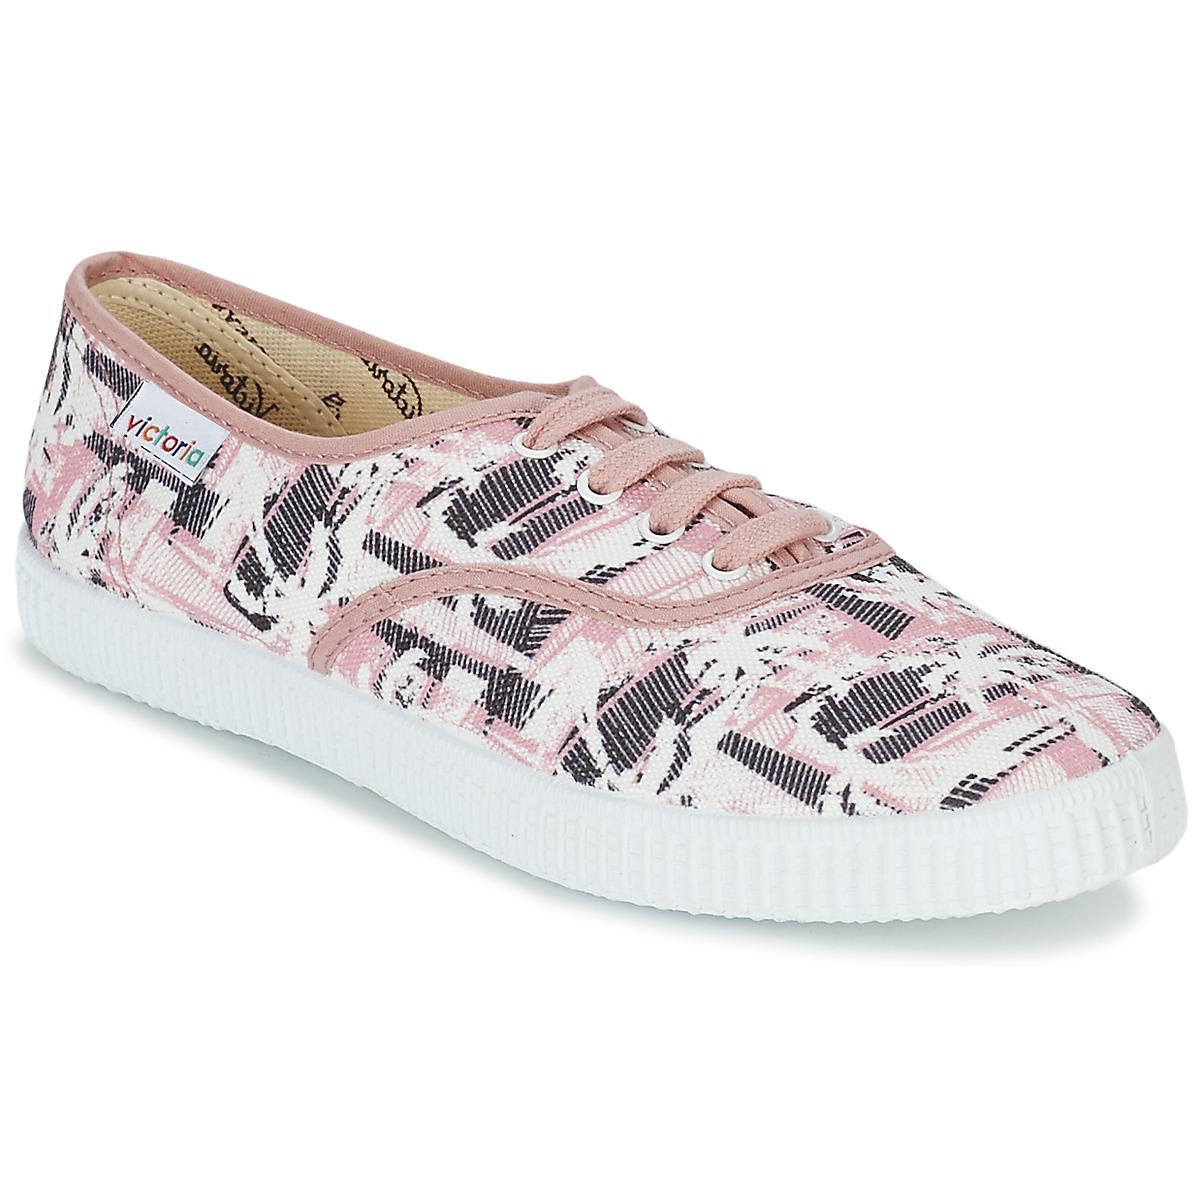 Victoria INGLES PALMERAS Rose - Kostenloser Versand bei Spartoode ! - Schuhe Sneaker Low Damen 26,00 €